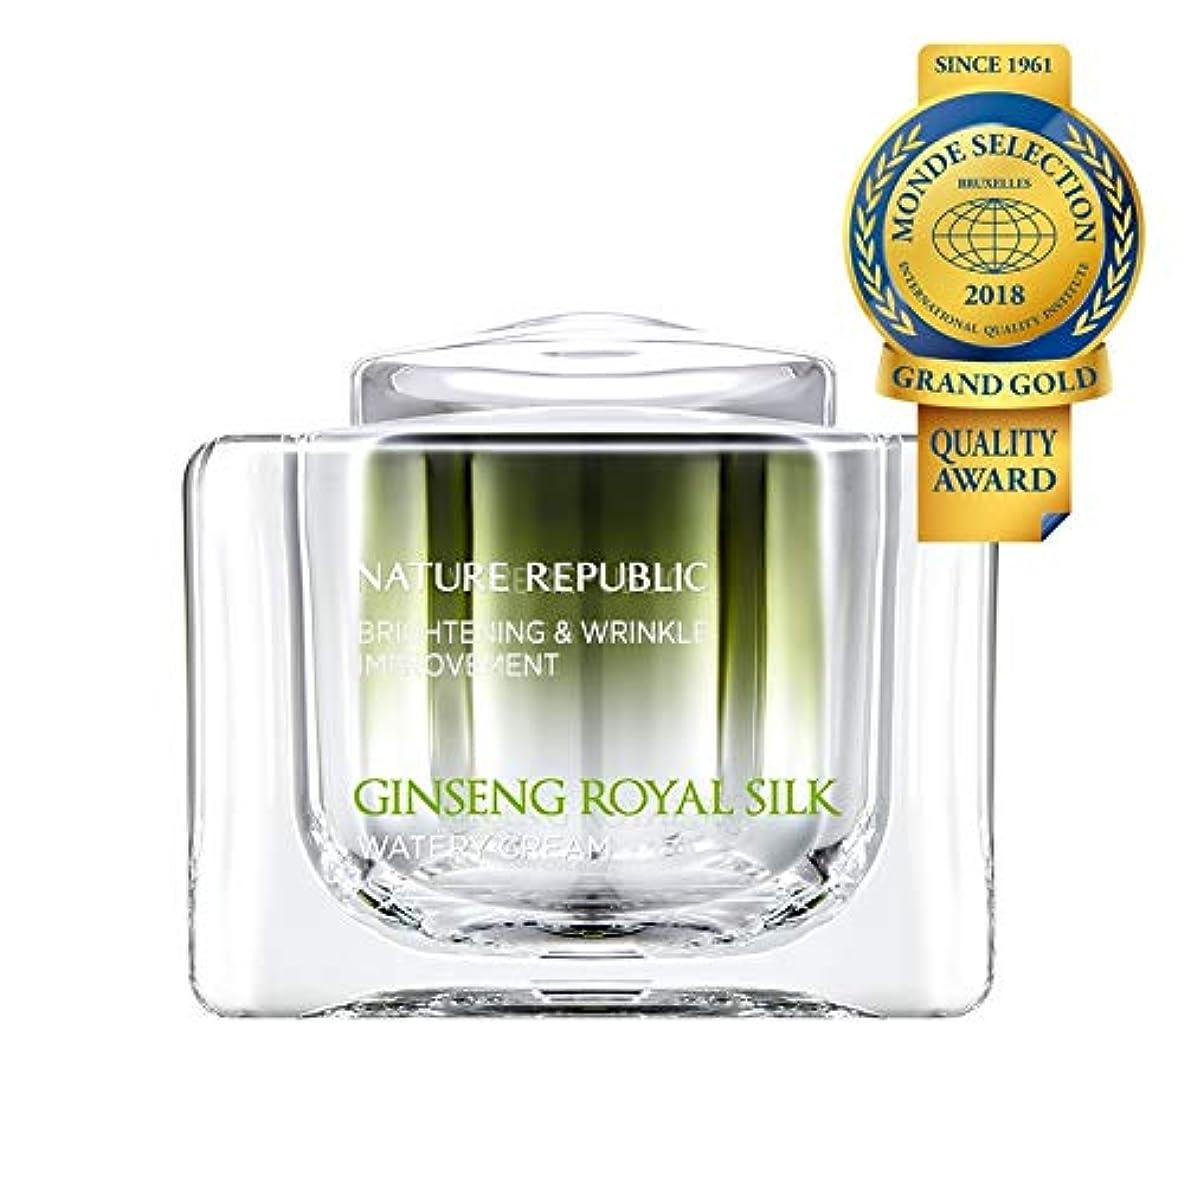 消費れんがデッドロックネイチャーリパブリック(Nature Republic)ジンセンロイヤルシルクウォーターリークリーム 60g / Ginseng Royal Silk Watery Cream 60g :: 韓国コスメ [並行輸入品]